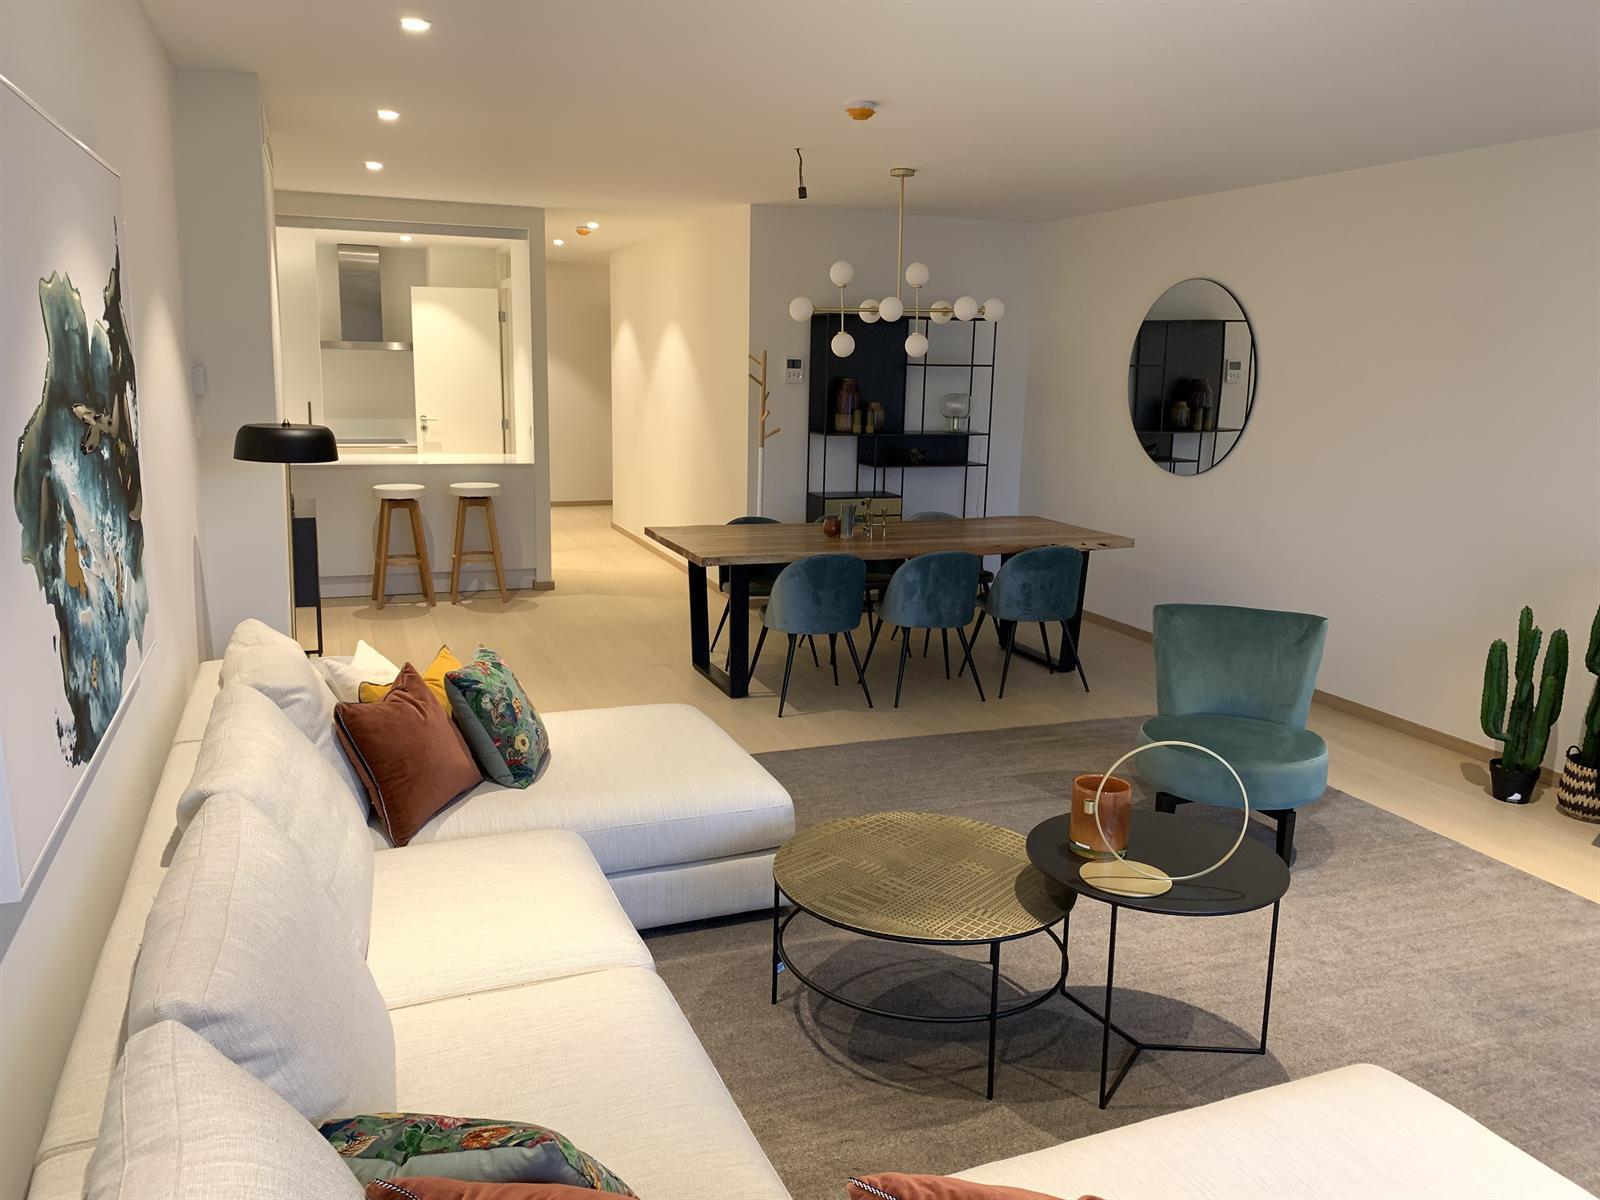 Appartement exceptionnel - Ixelles - #3929607-1